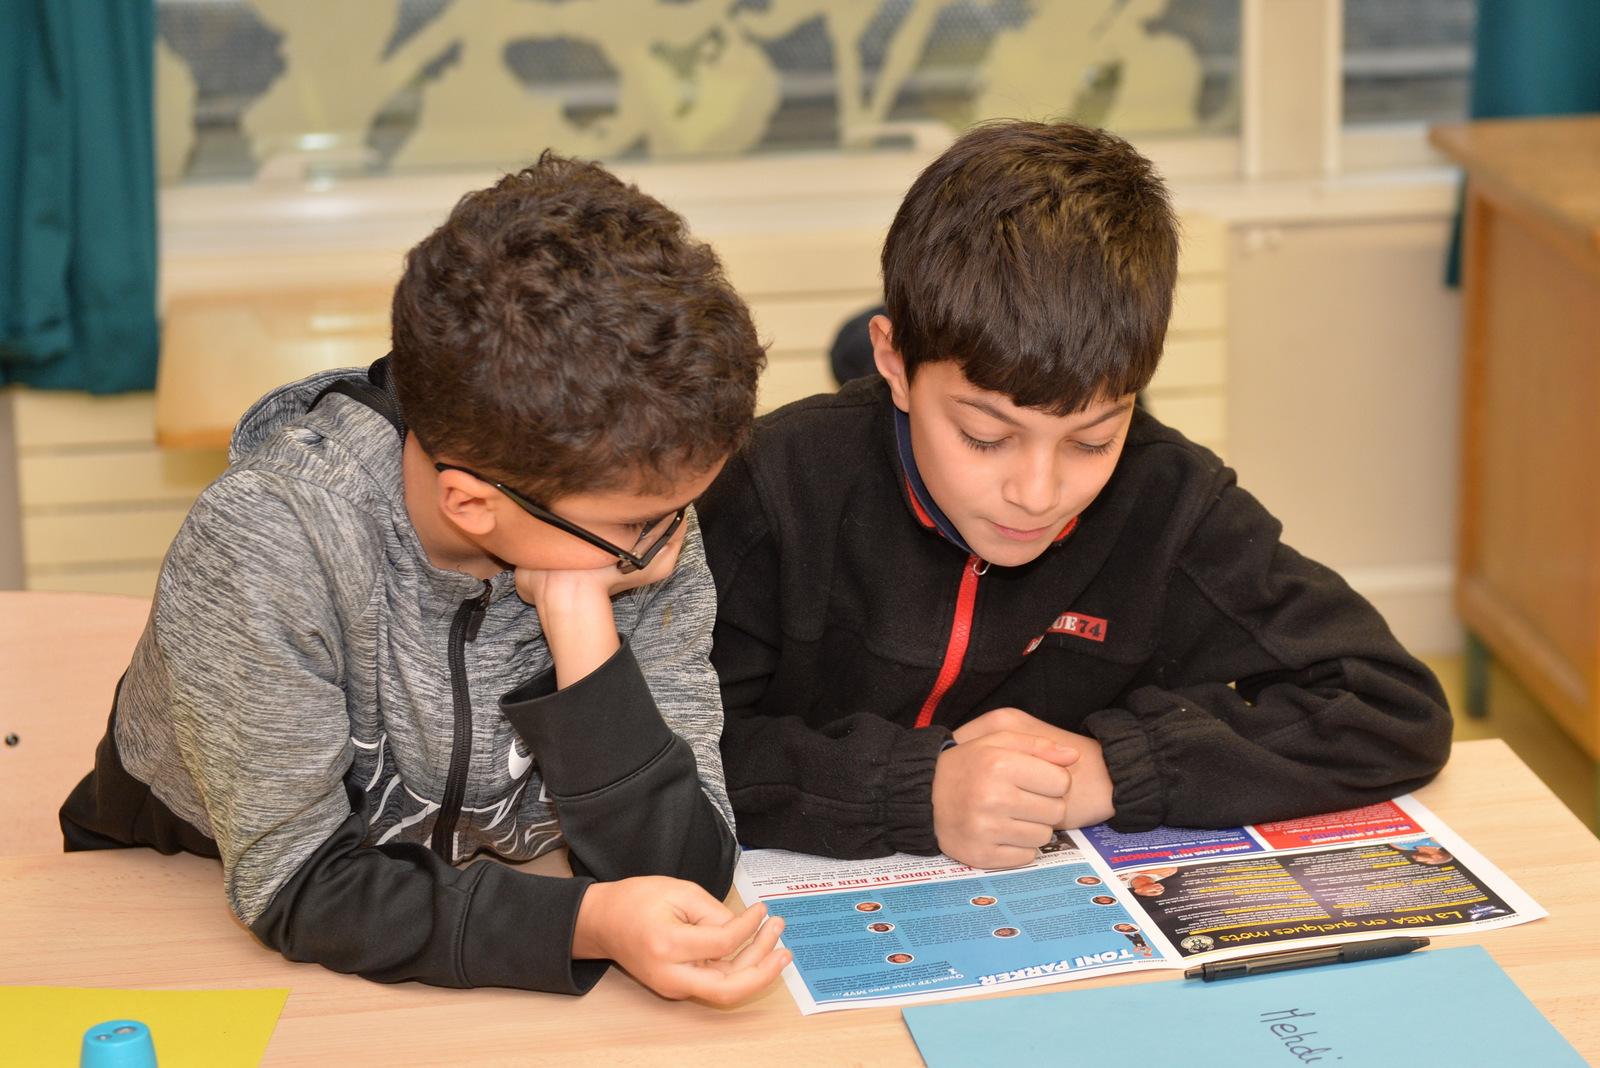 Les Reporters Juniors NBA créent le journal Petit Dunk avec le journal Petit Pont au sein du centre de loisirs de l'école Auguste Perret 13e